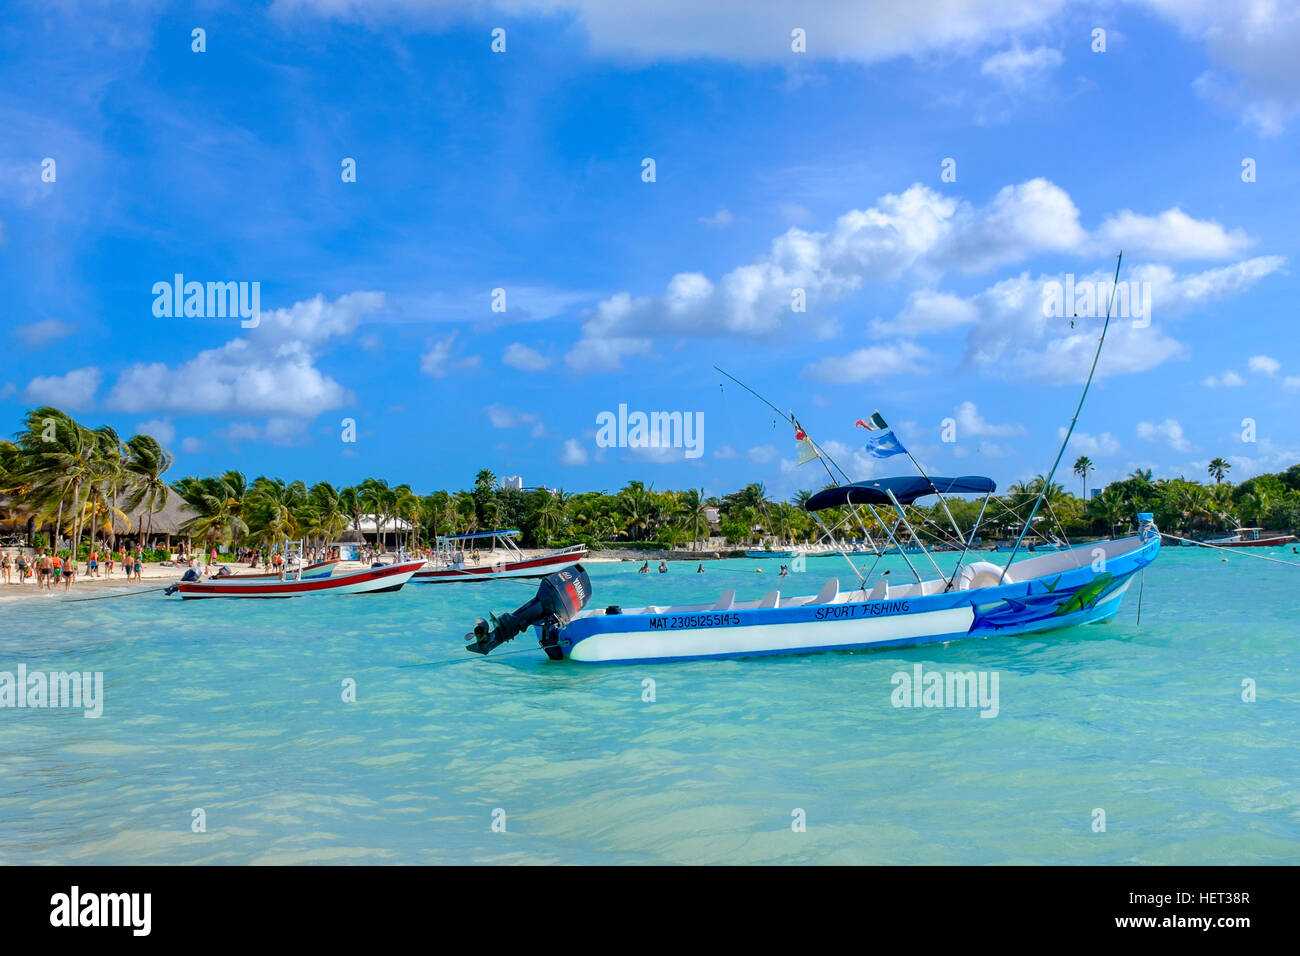 Akumal Bay, also known as Turtle Bay, Riviera Maya, near Playa Del Carmen, Mexico - Stock Image